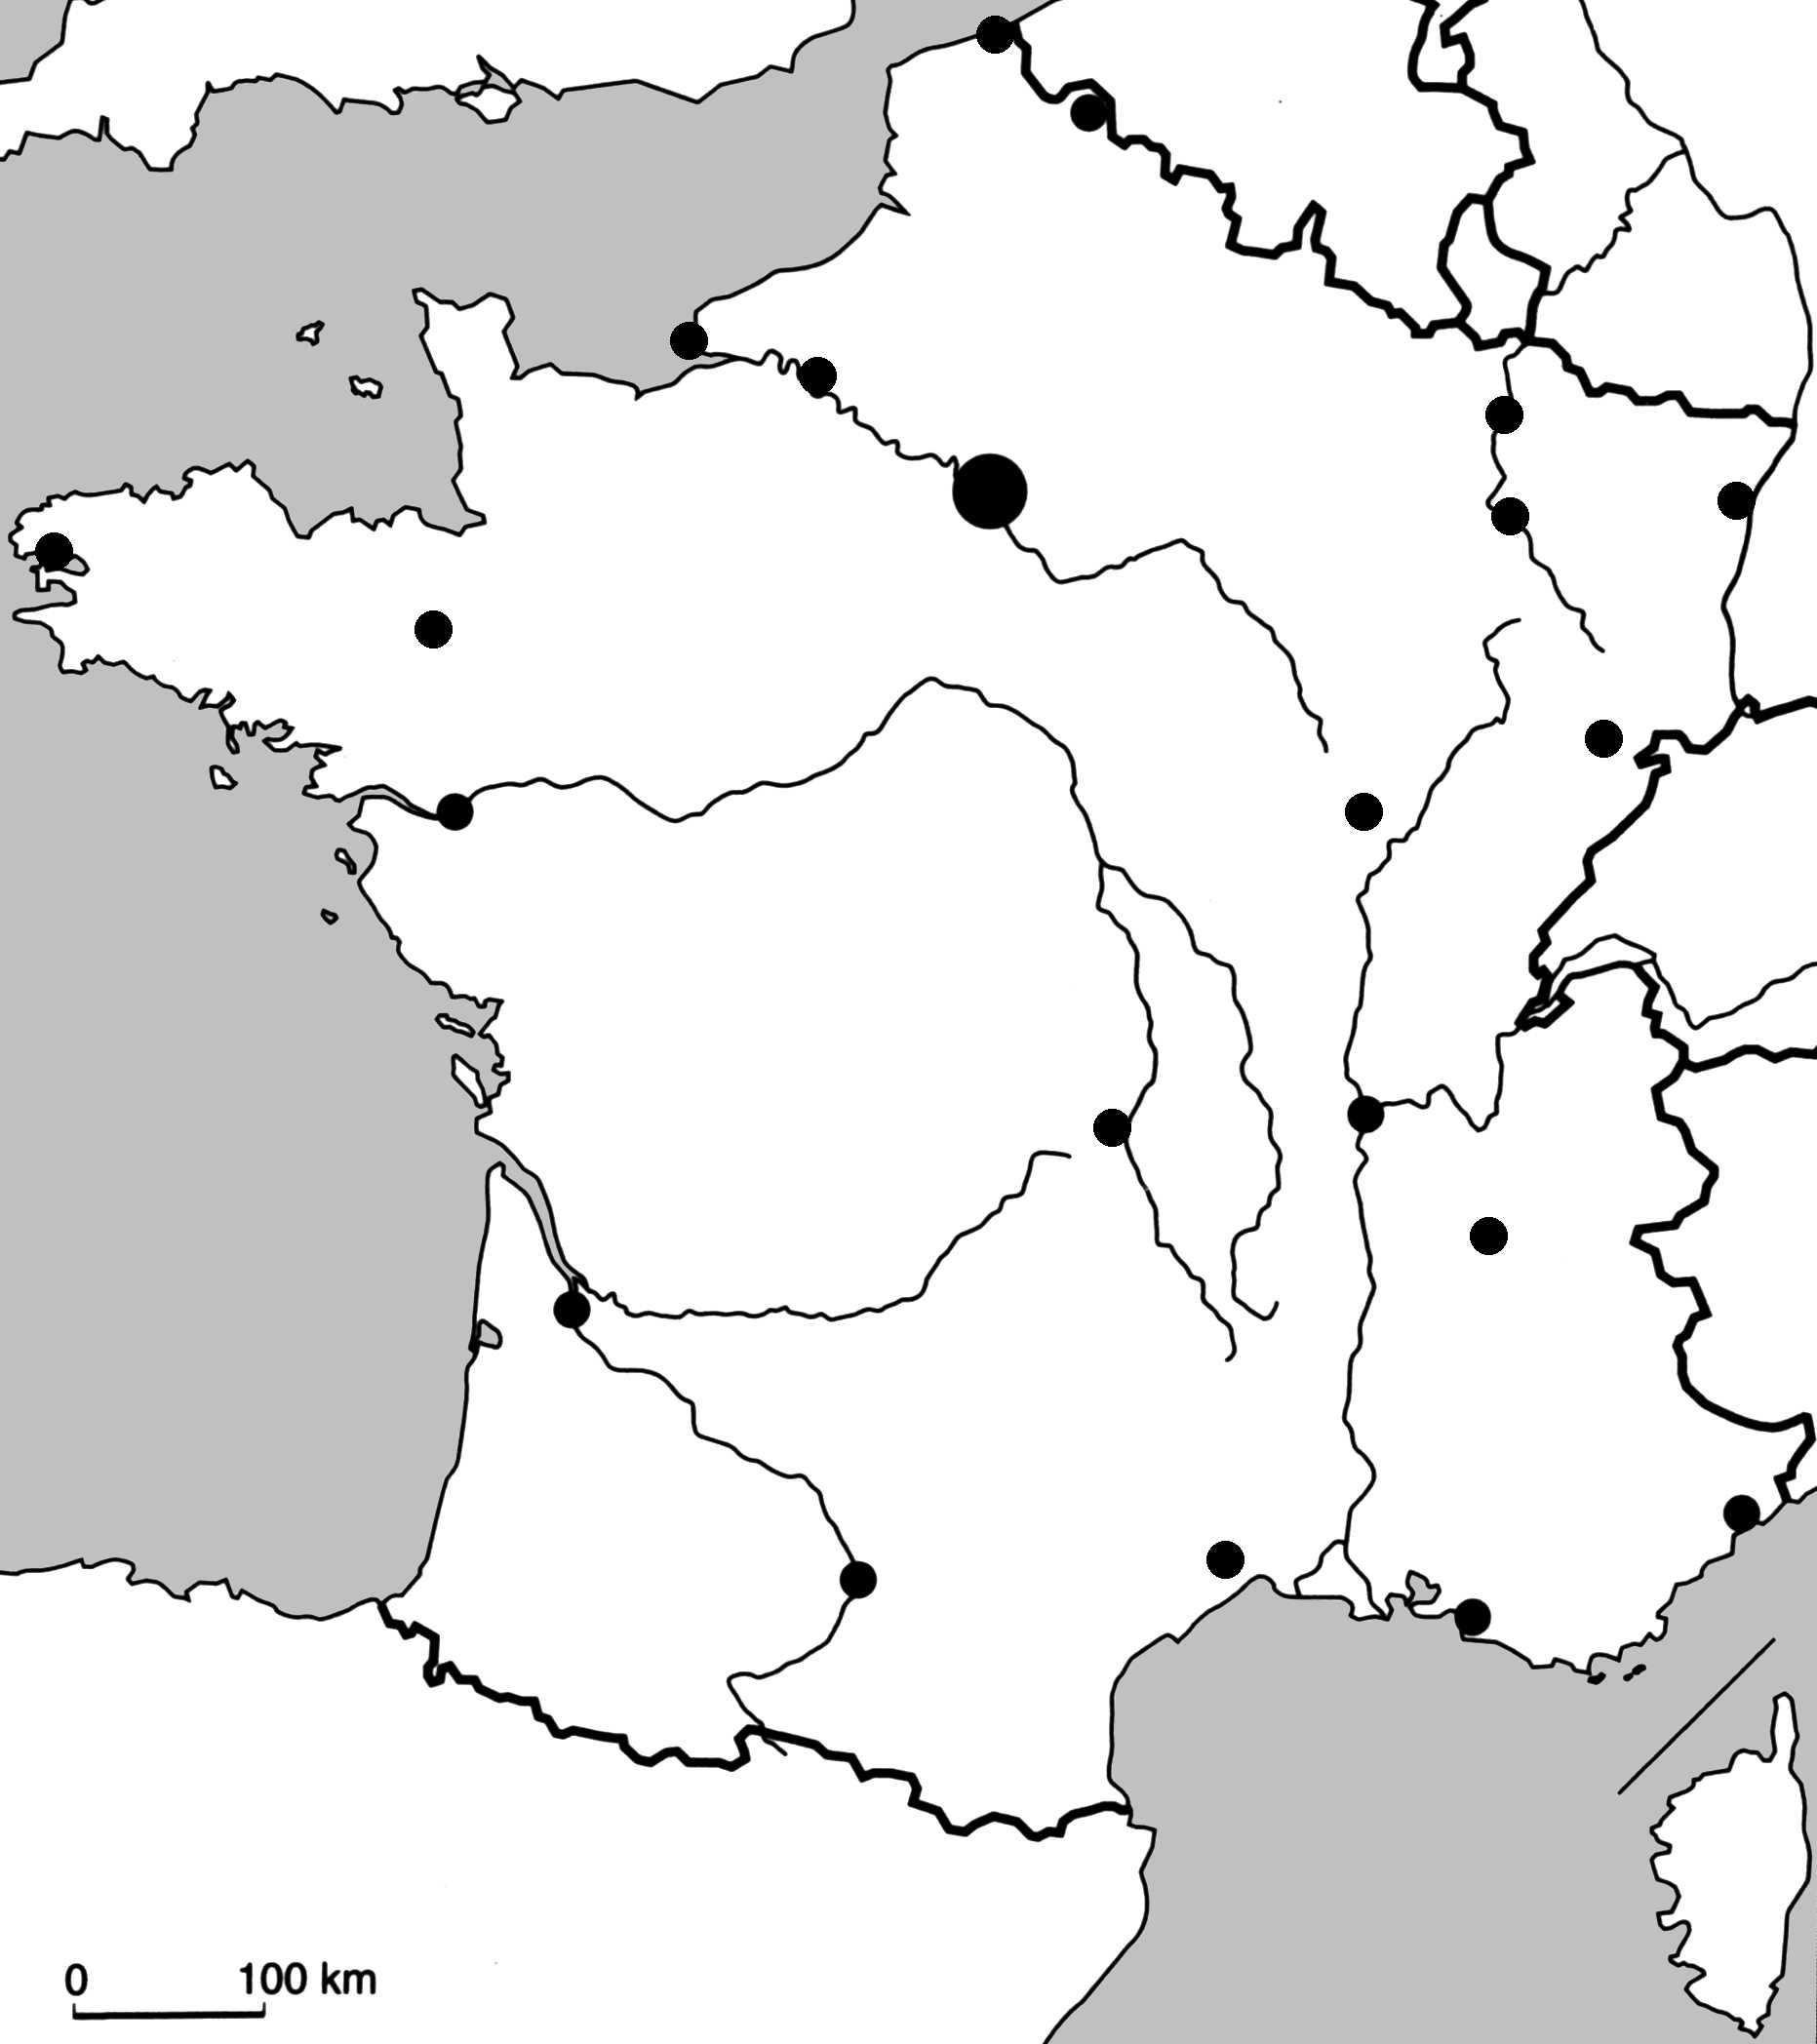 Carte Muette France Villes | My Blog avec Carte De France Avec Grandes Villes